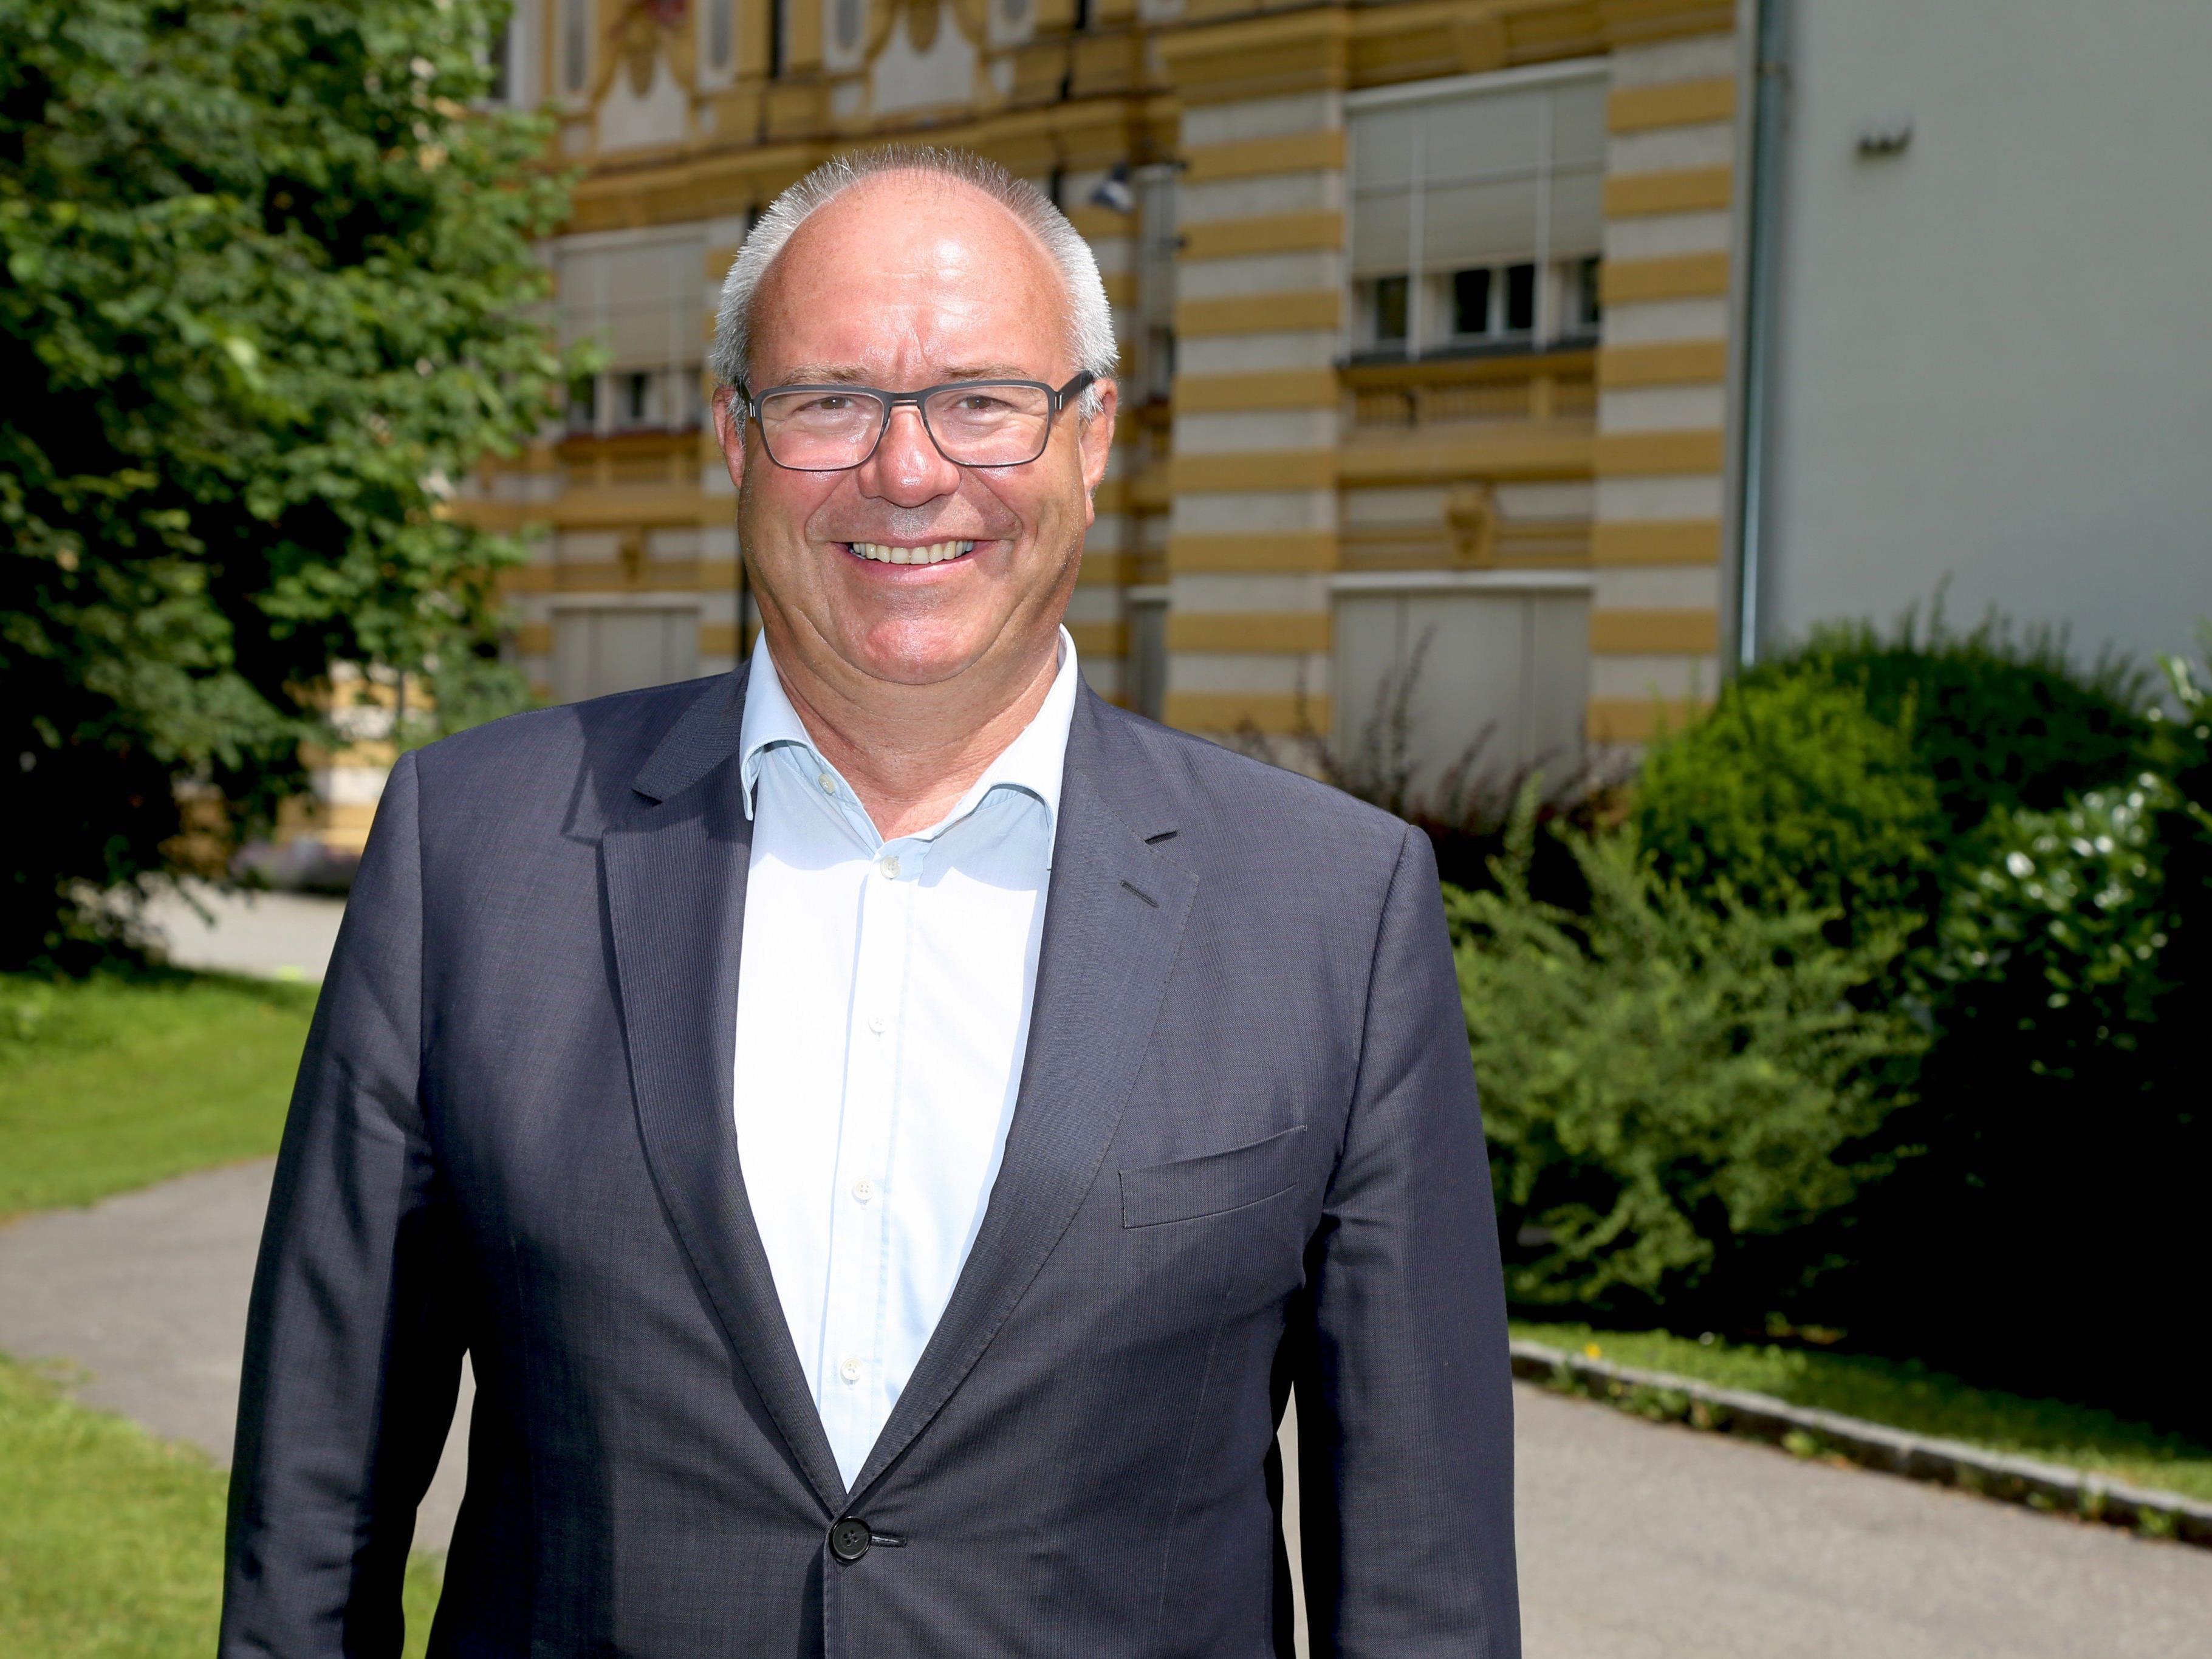 Thomas Schärrer ist seit 2010 Bürgermeister.